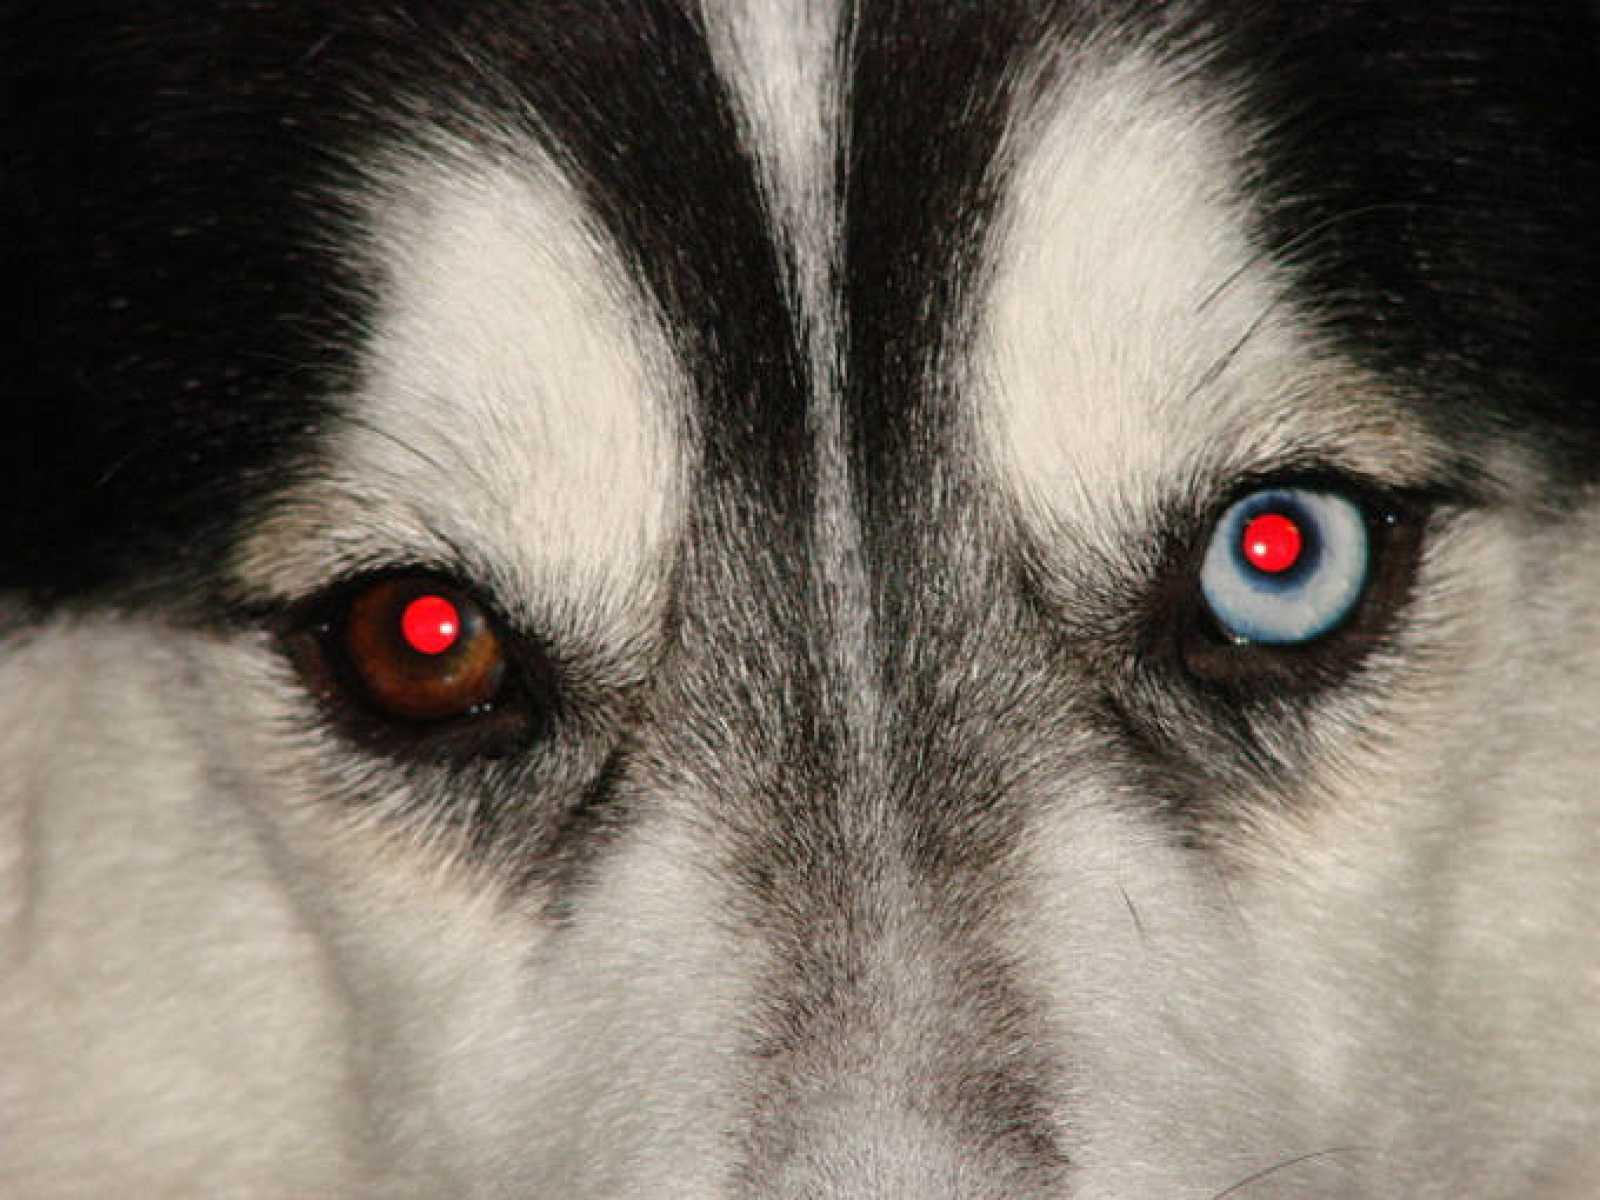 El color rojo de los ojos es el efecto del reflejo de la luz en los vasos sanguíneos que irrigan la retina.